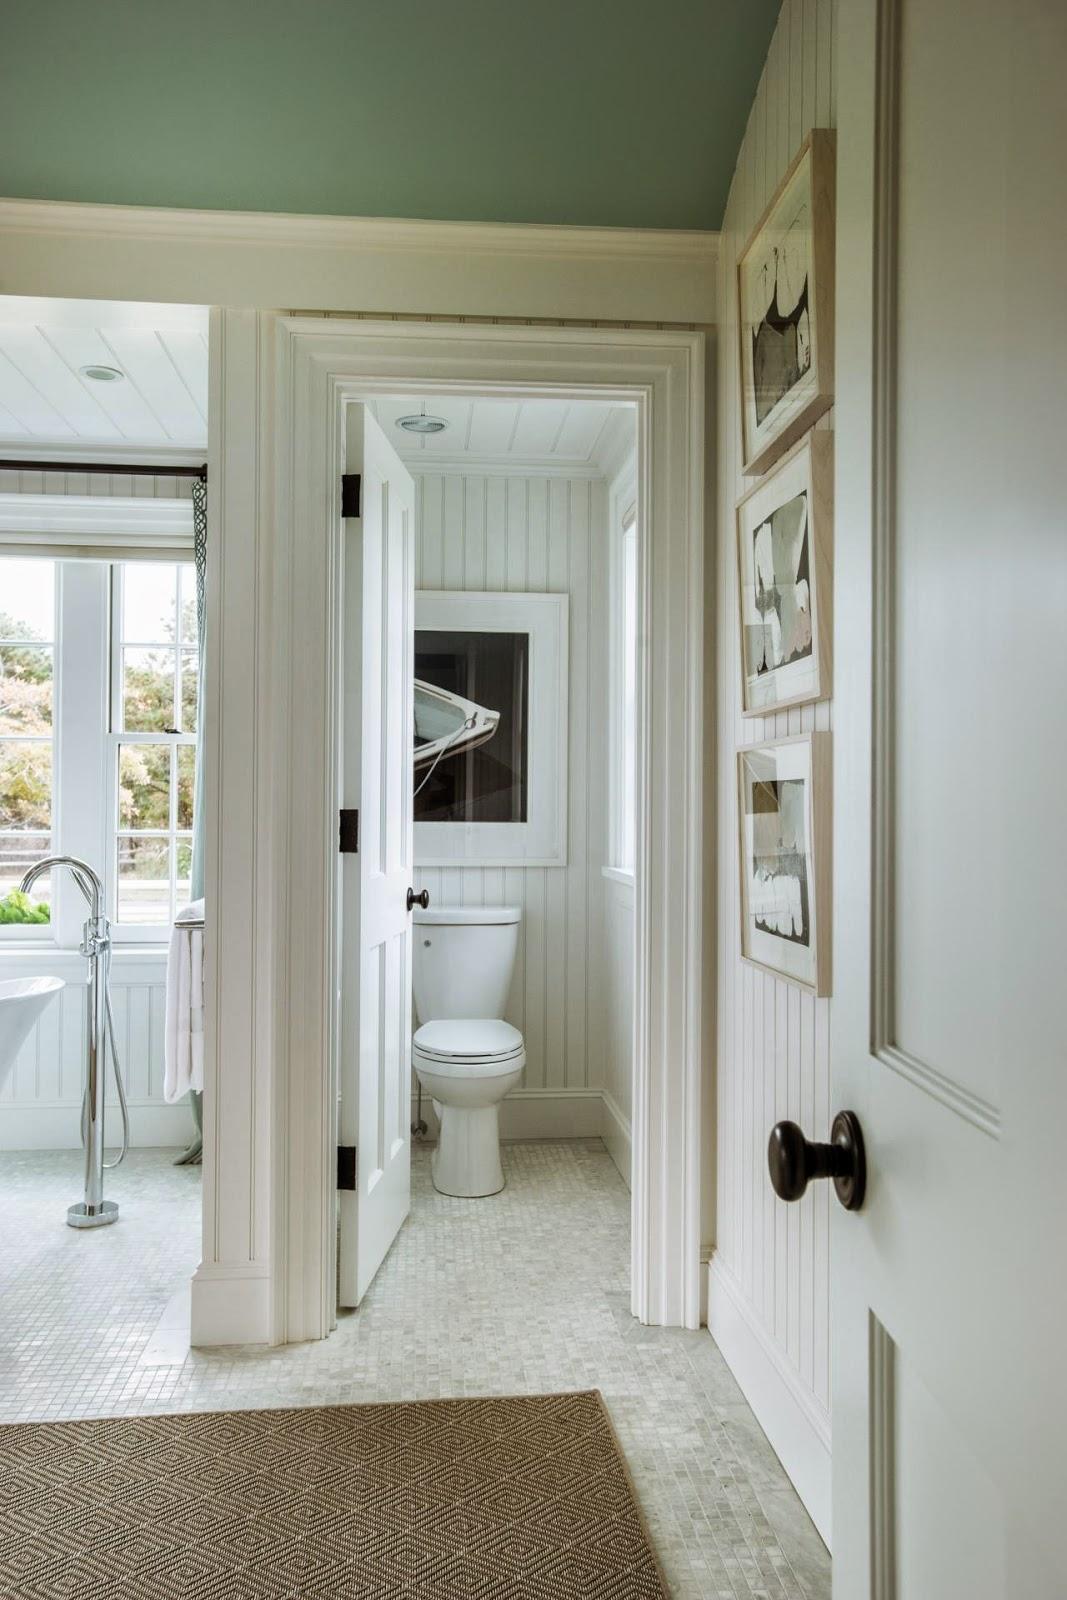 Adorei esses espelhos em frente à banheira! #5F5038 1067x1600 Banheiro Com Banheira Metragem